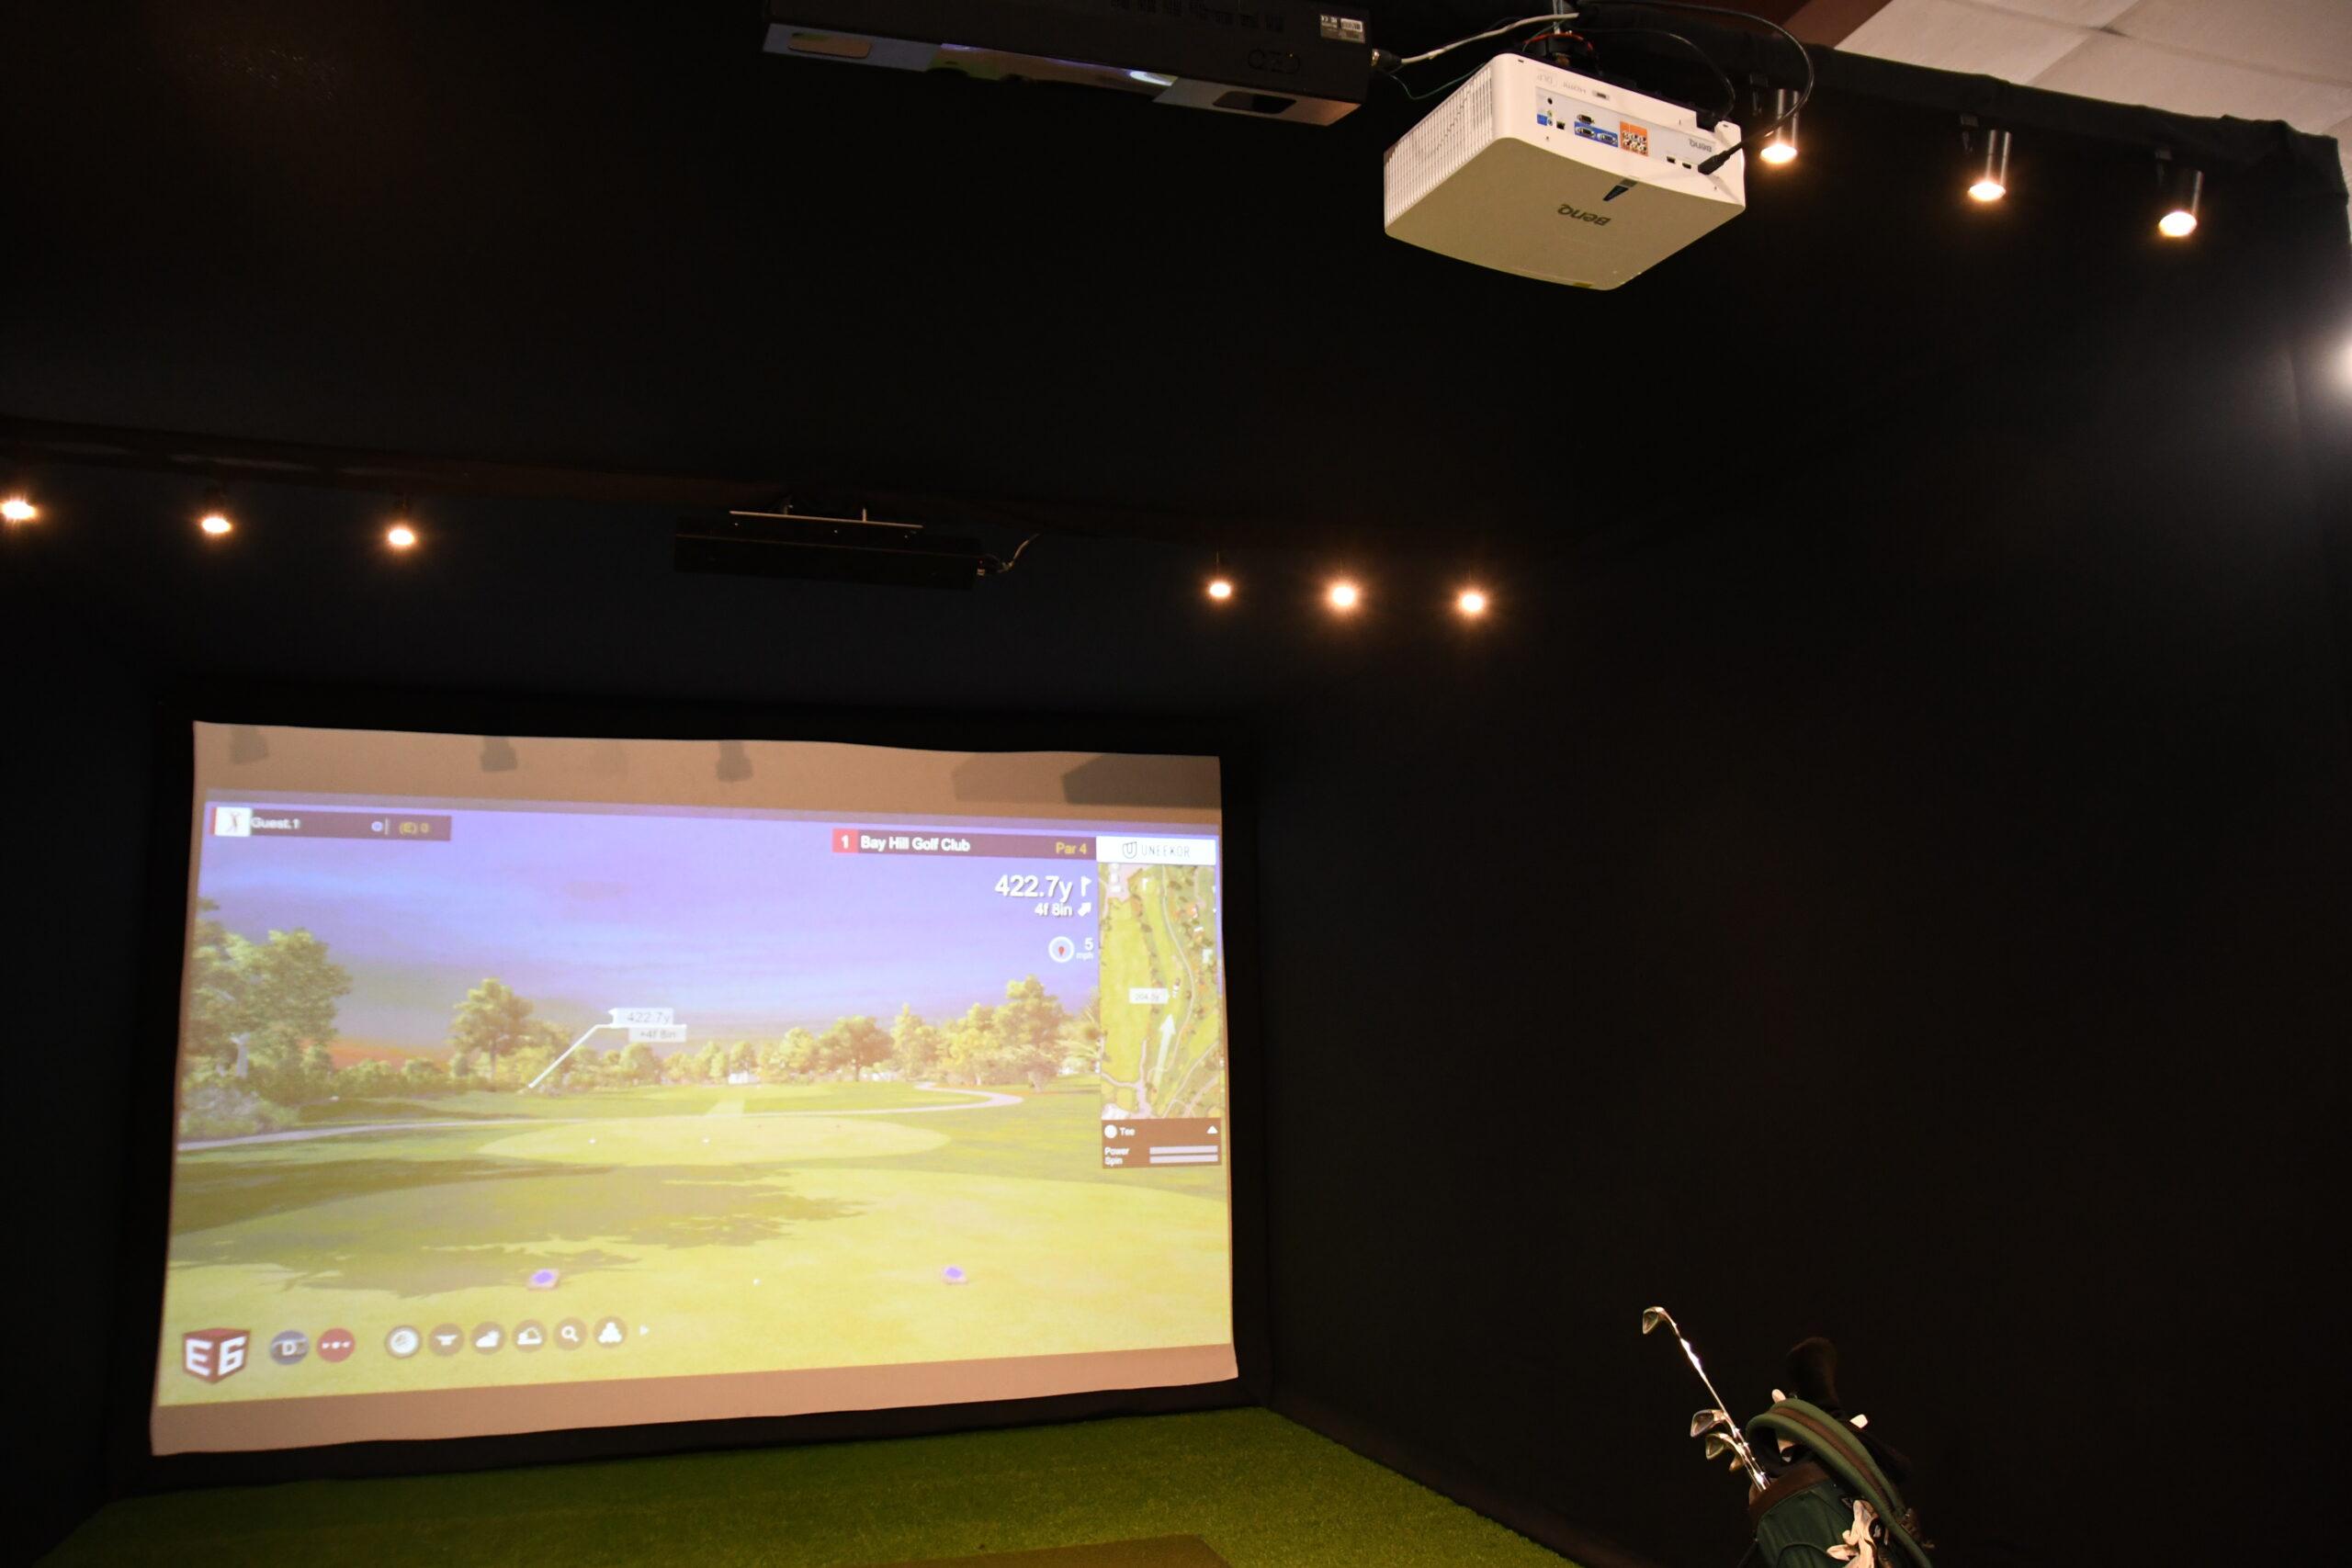 Top Golf Simulator Projectors for 2021